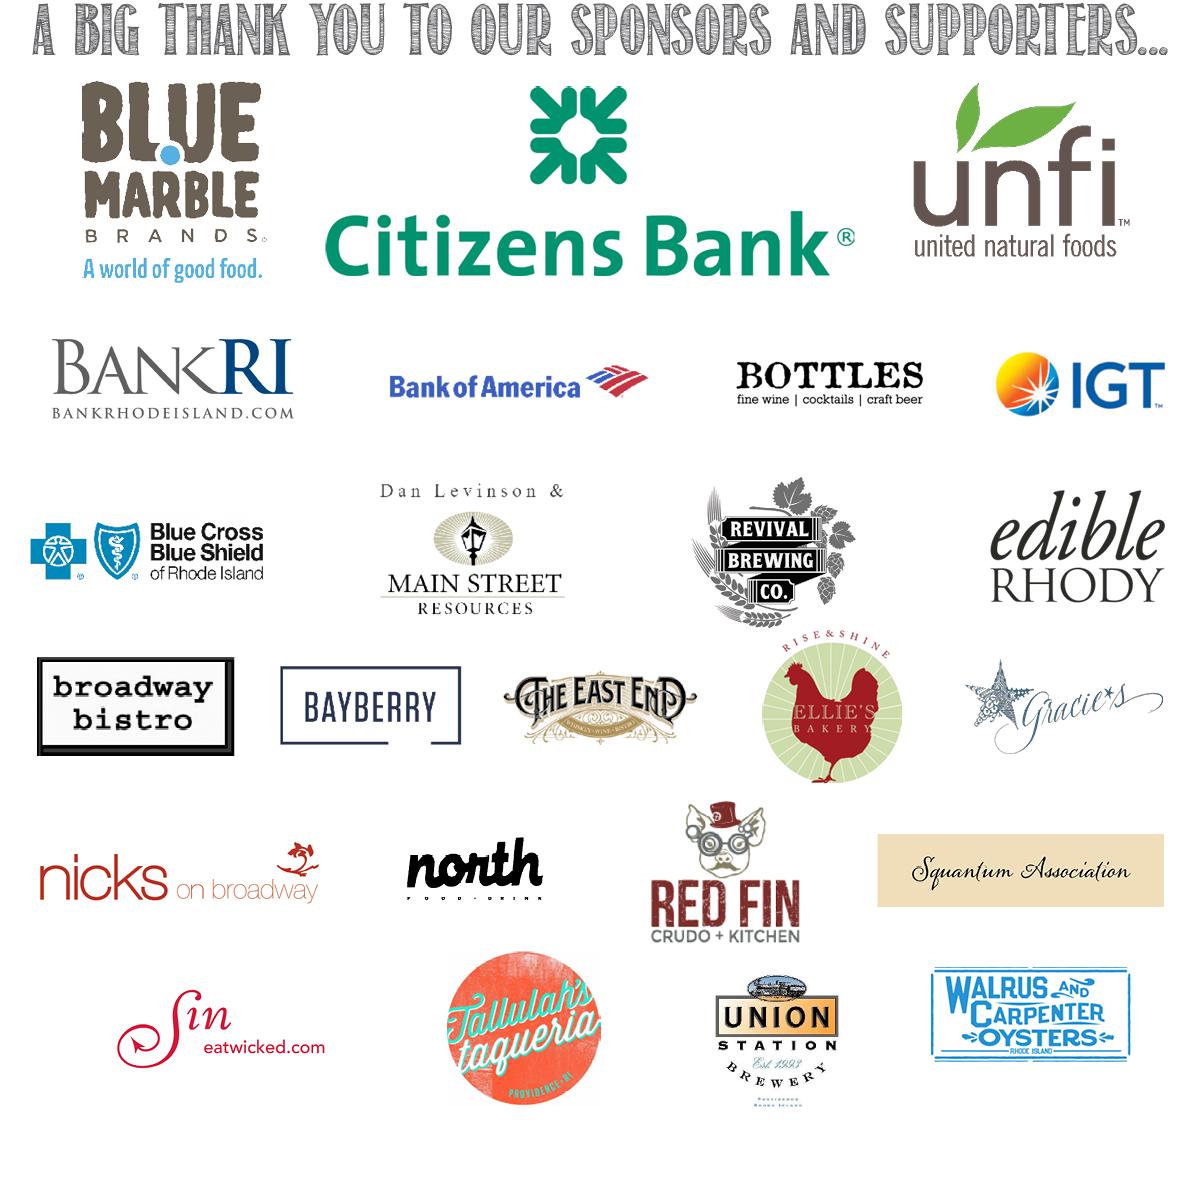 Harvesting Hope sponsors, SCLT, Squantum